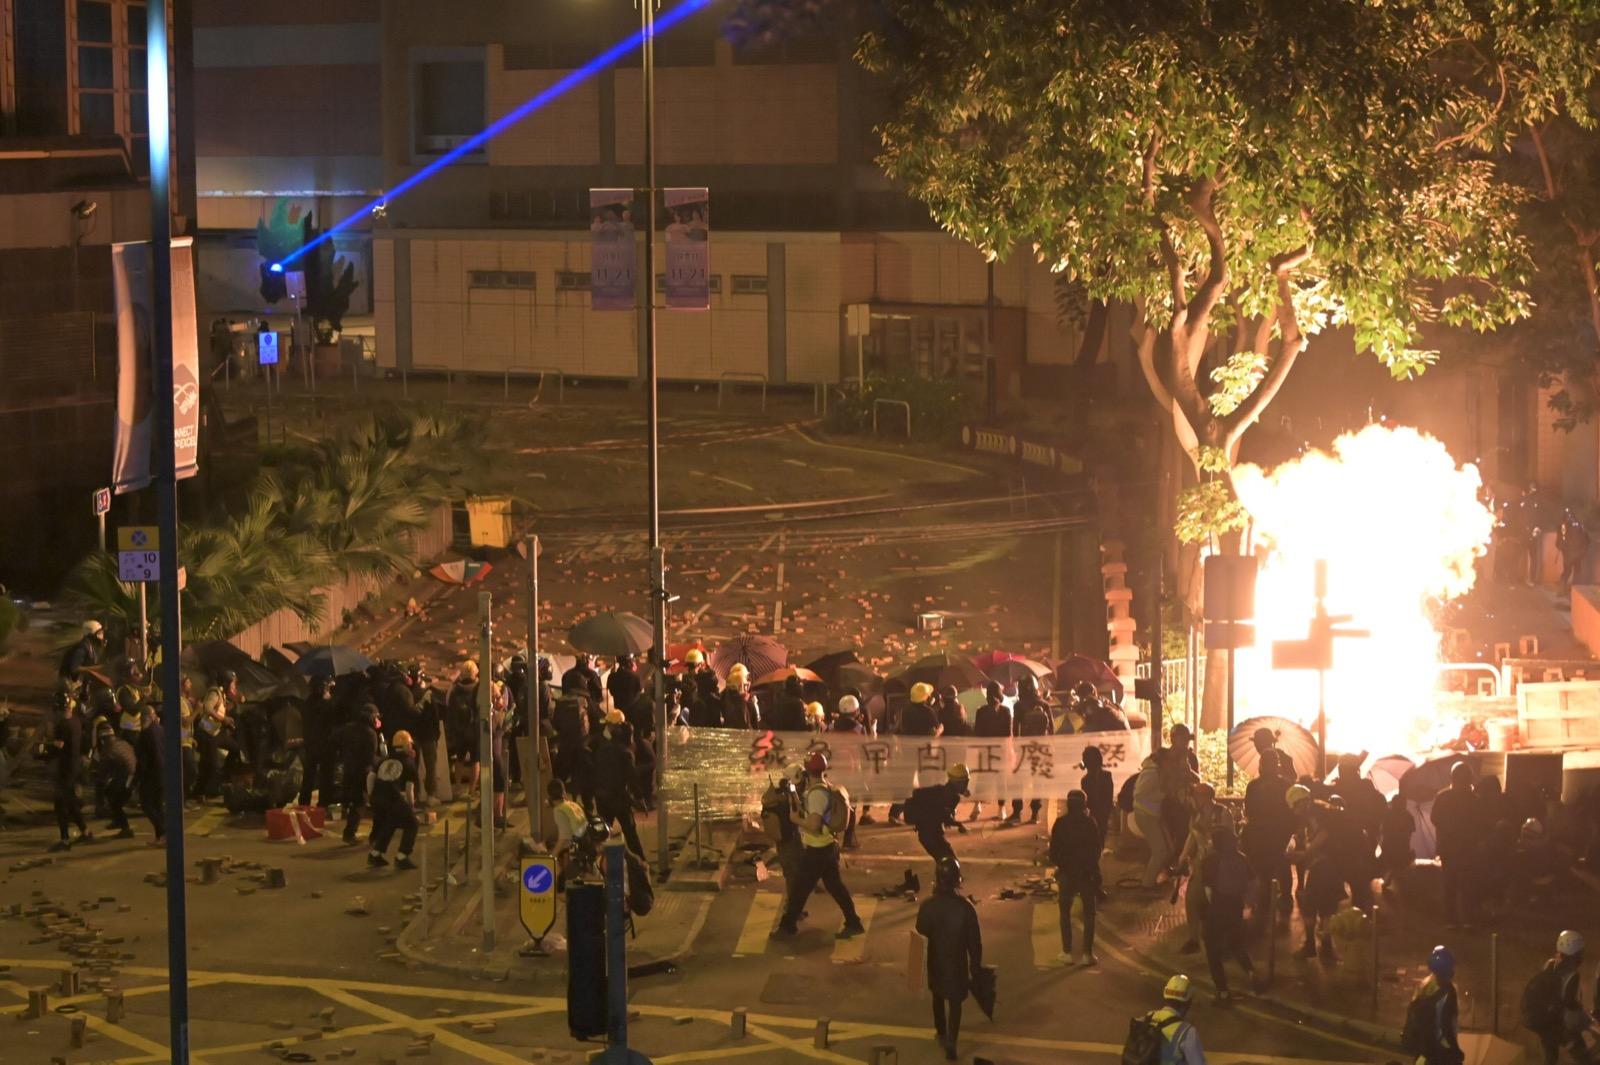 示威者在漆咸道南投擲汽油彈,地面多處有光光。